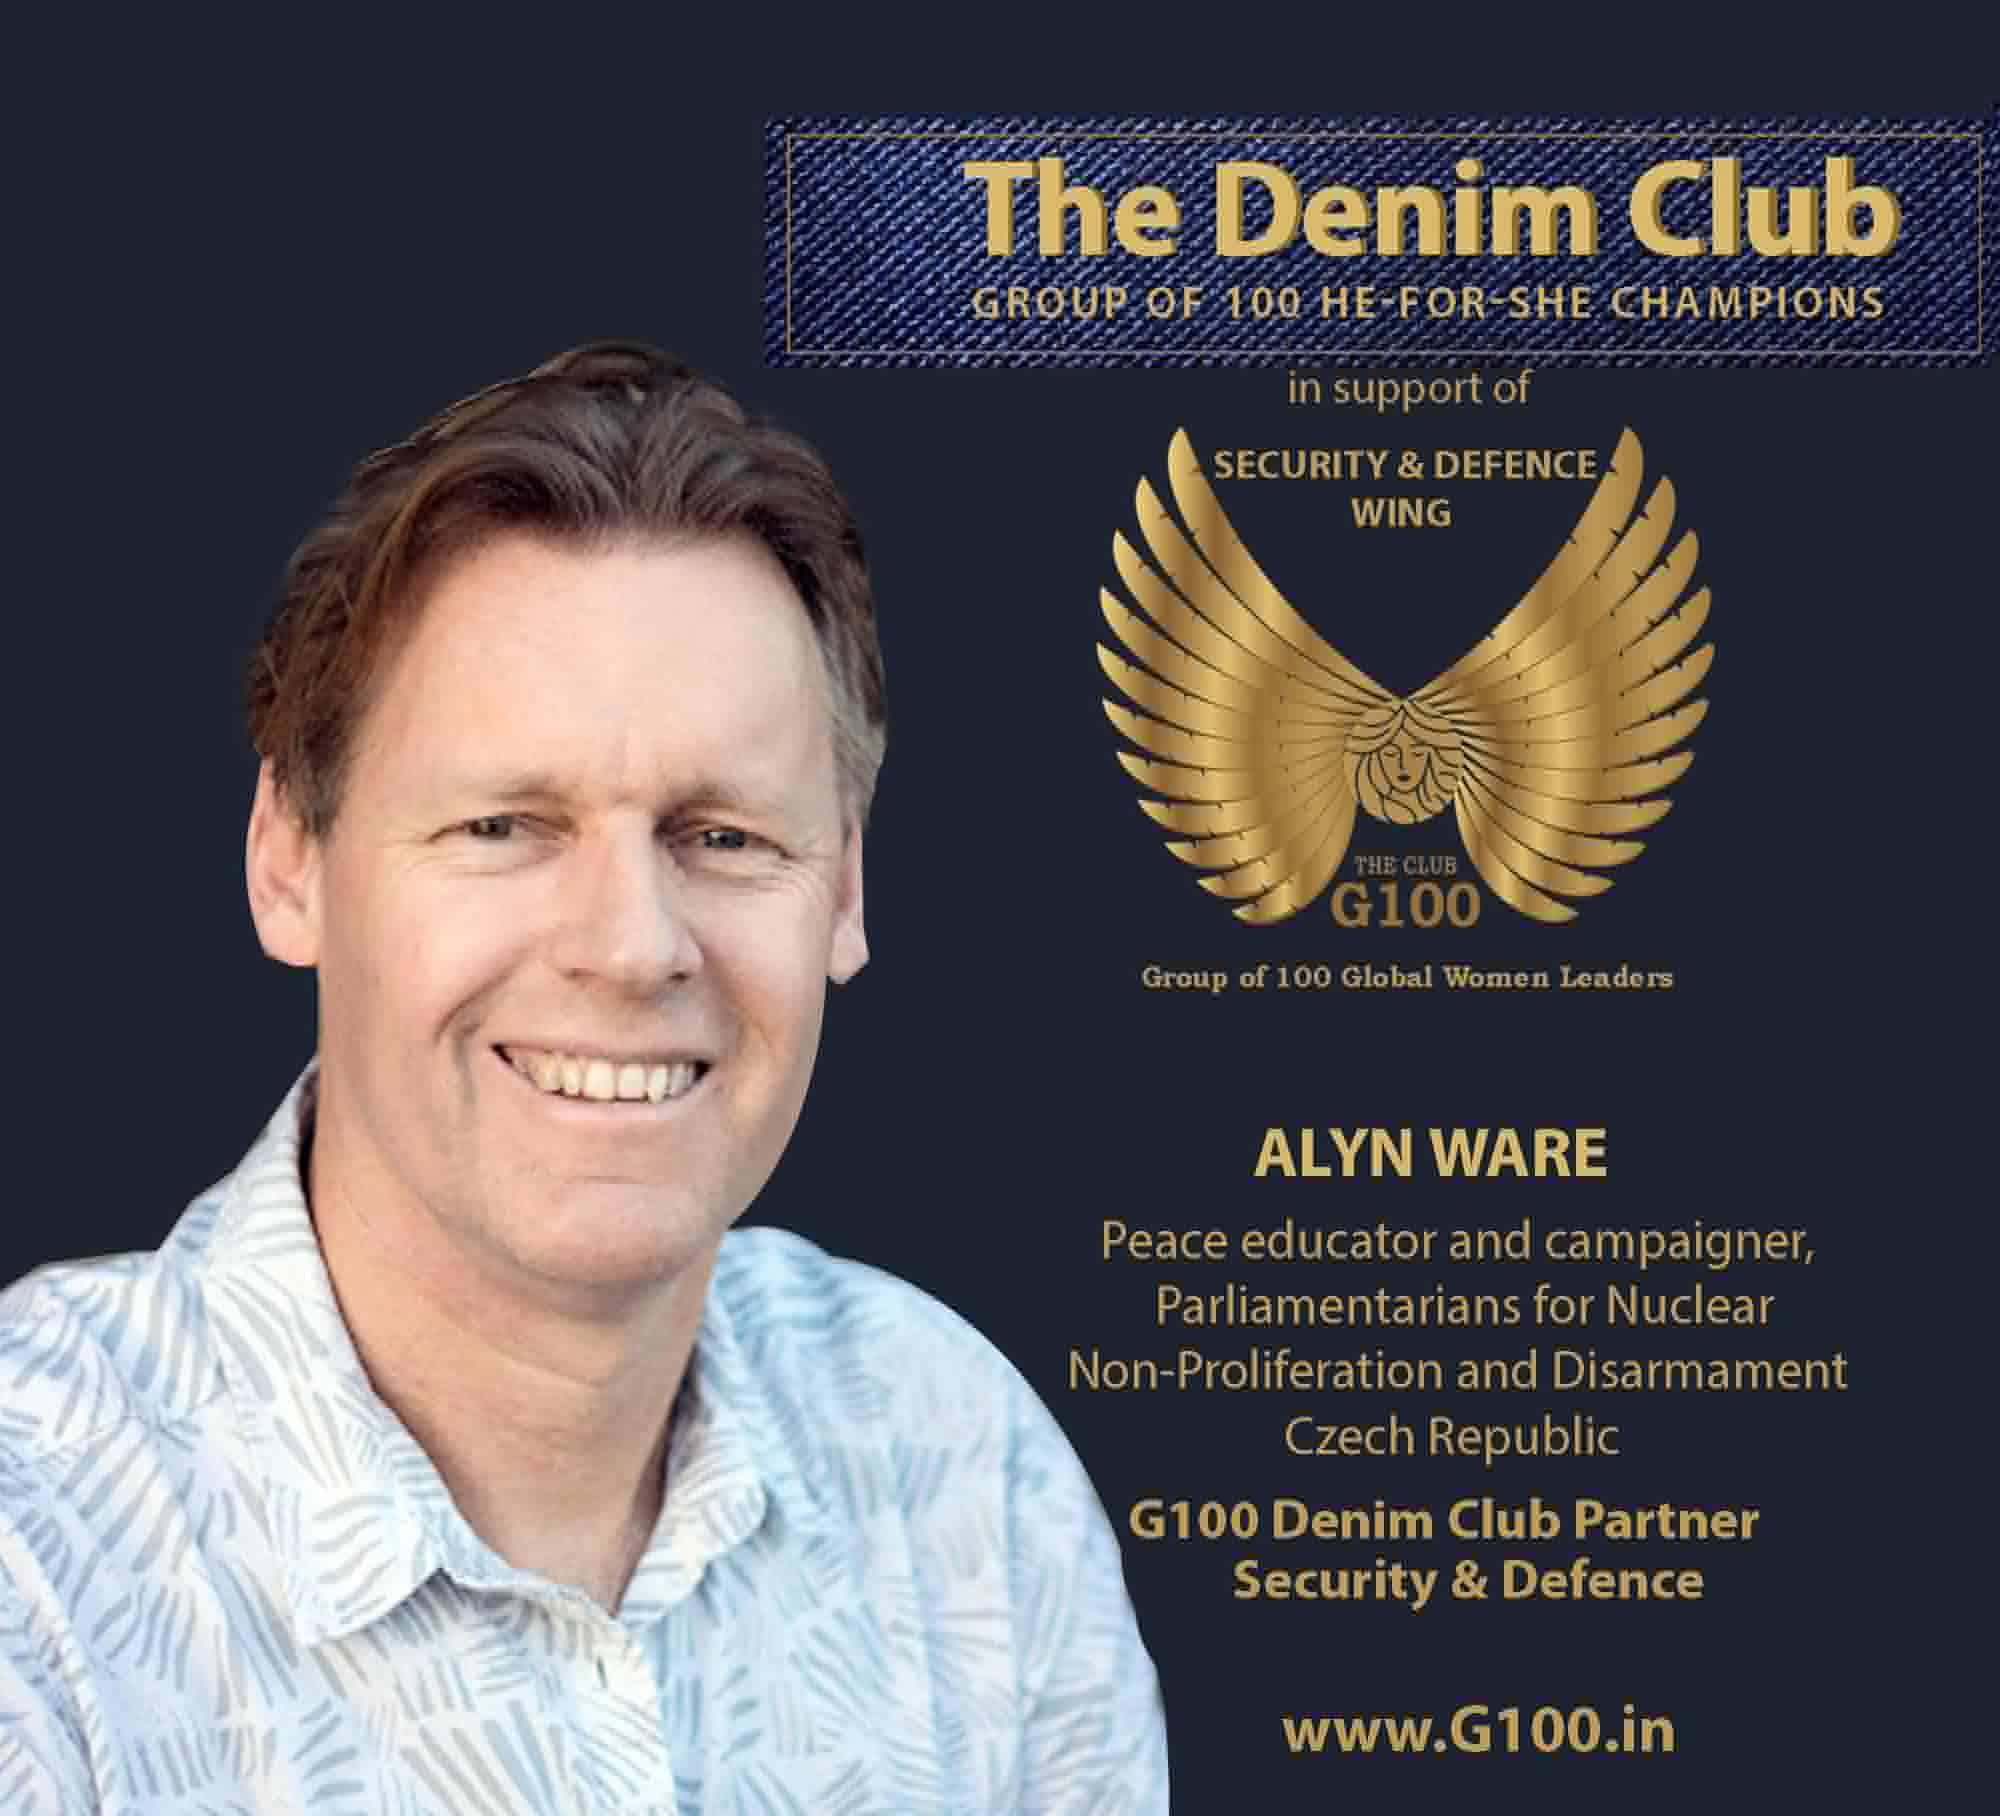 Alyn Ware